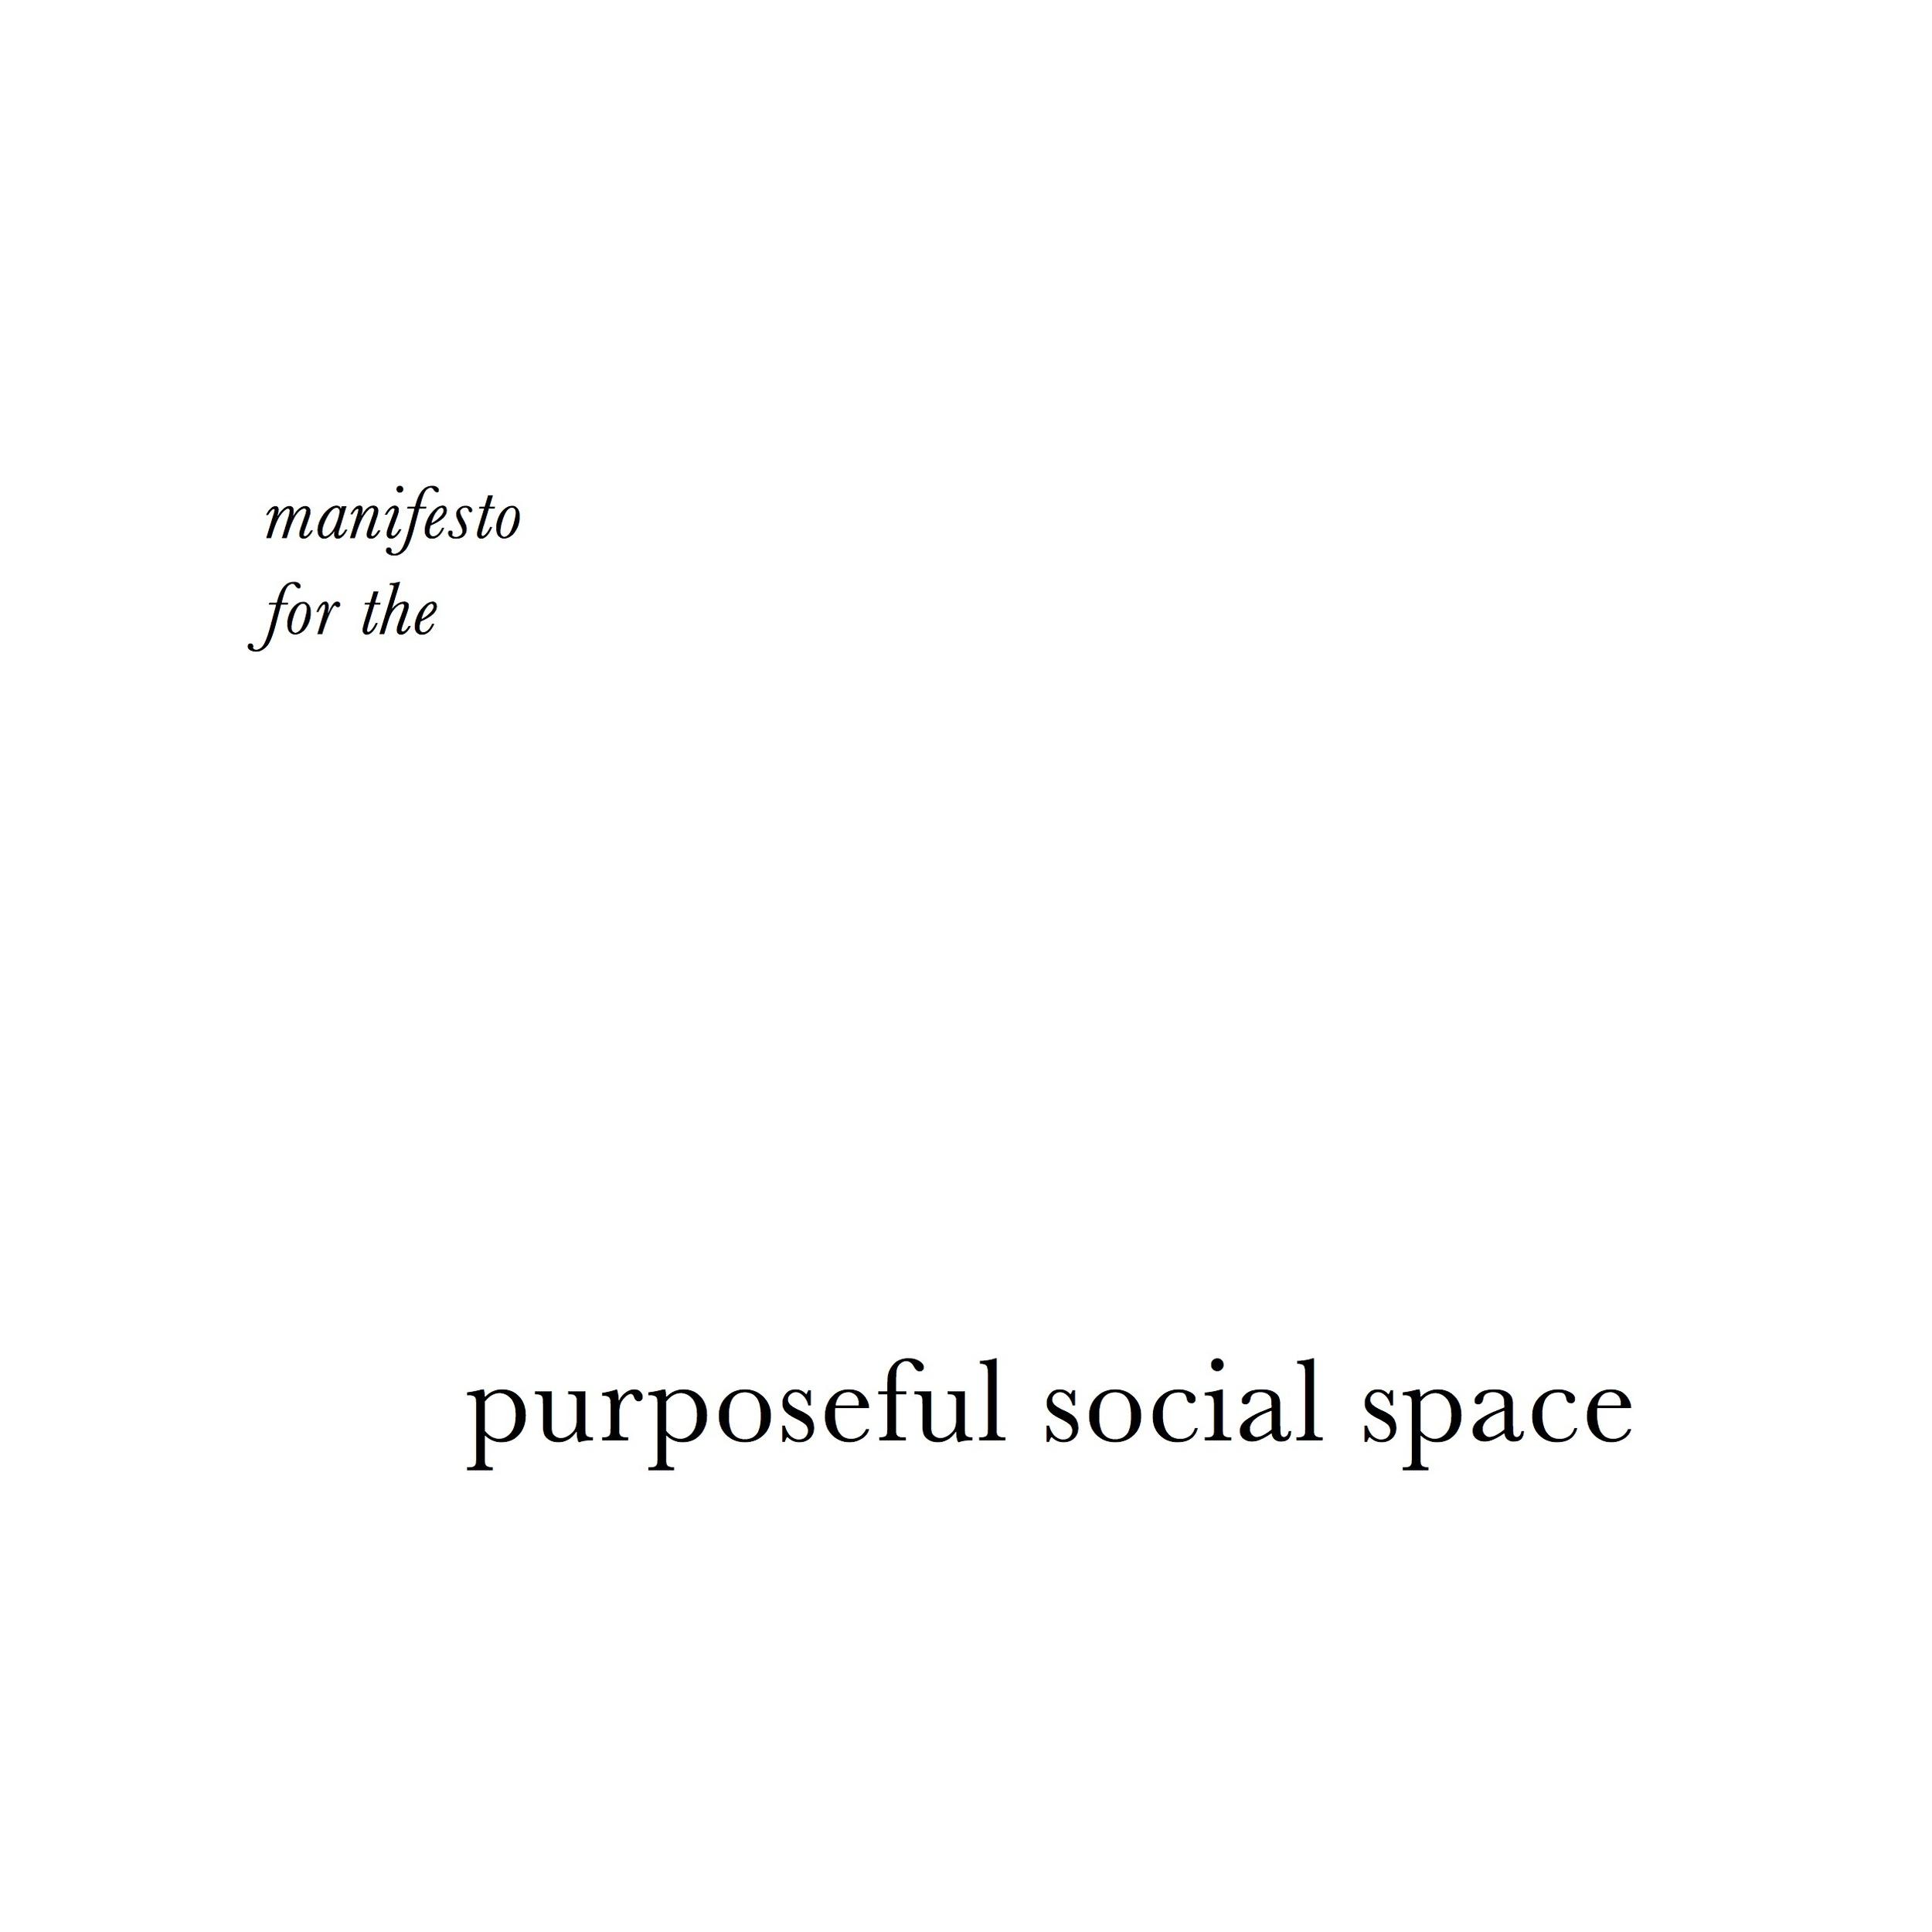 Manifesto v09.1.1 p1.jpg